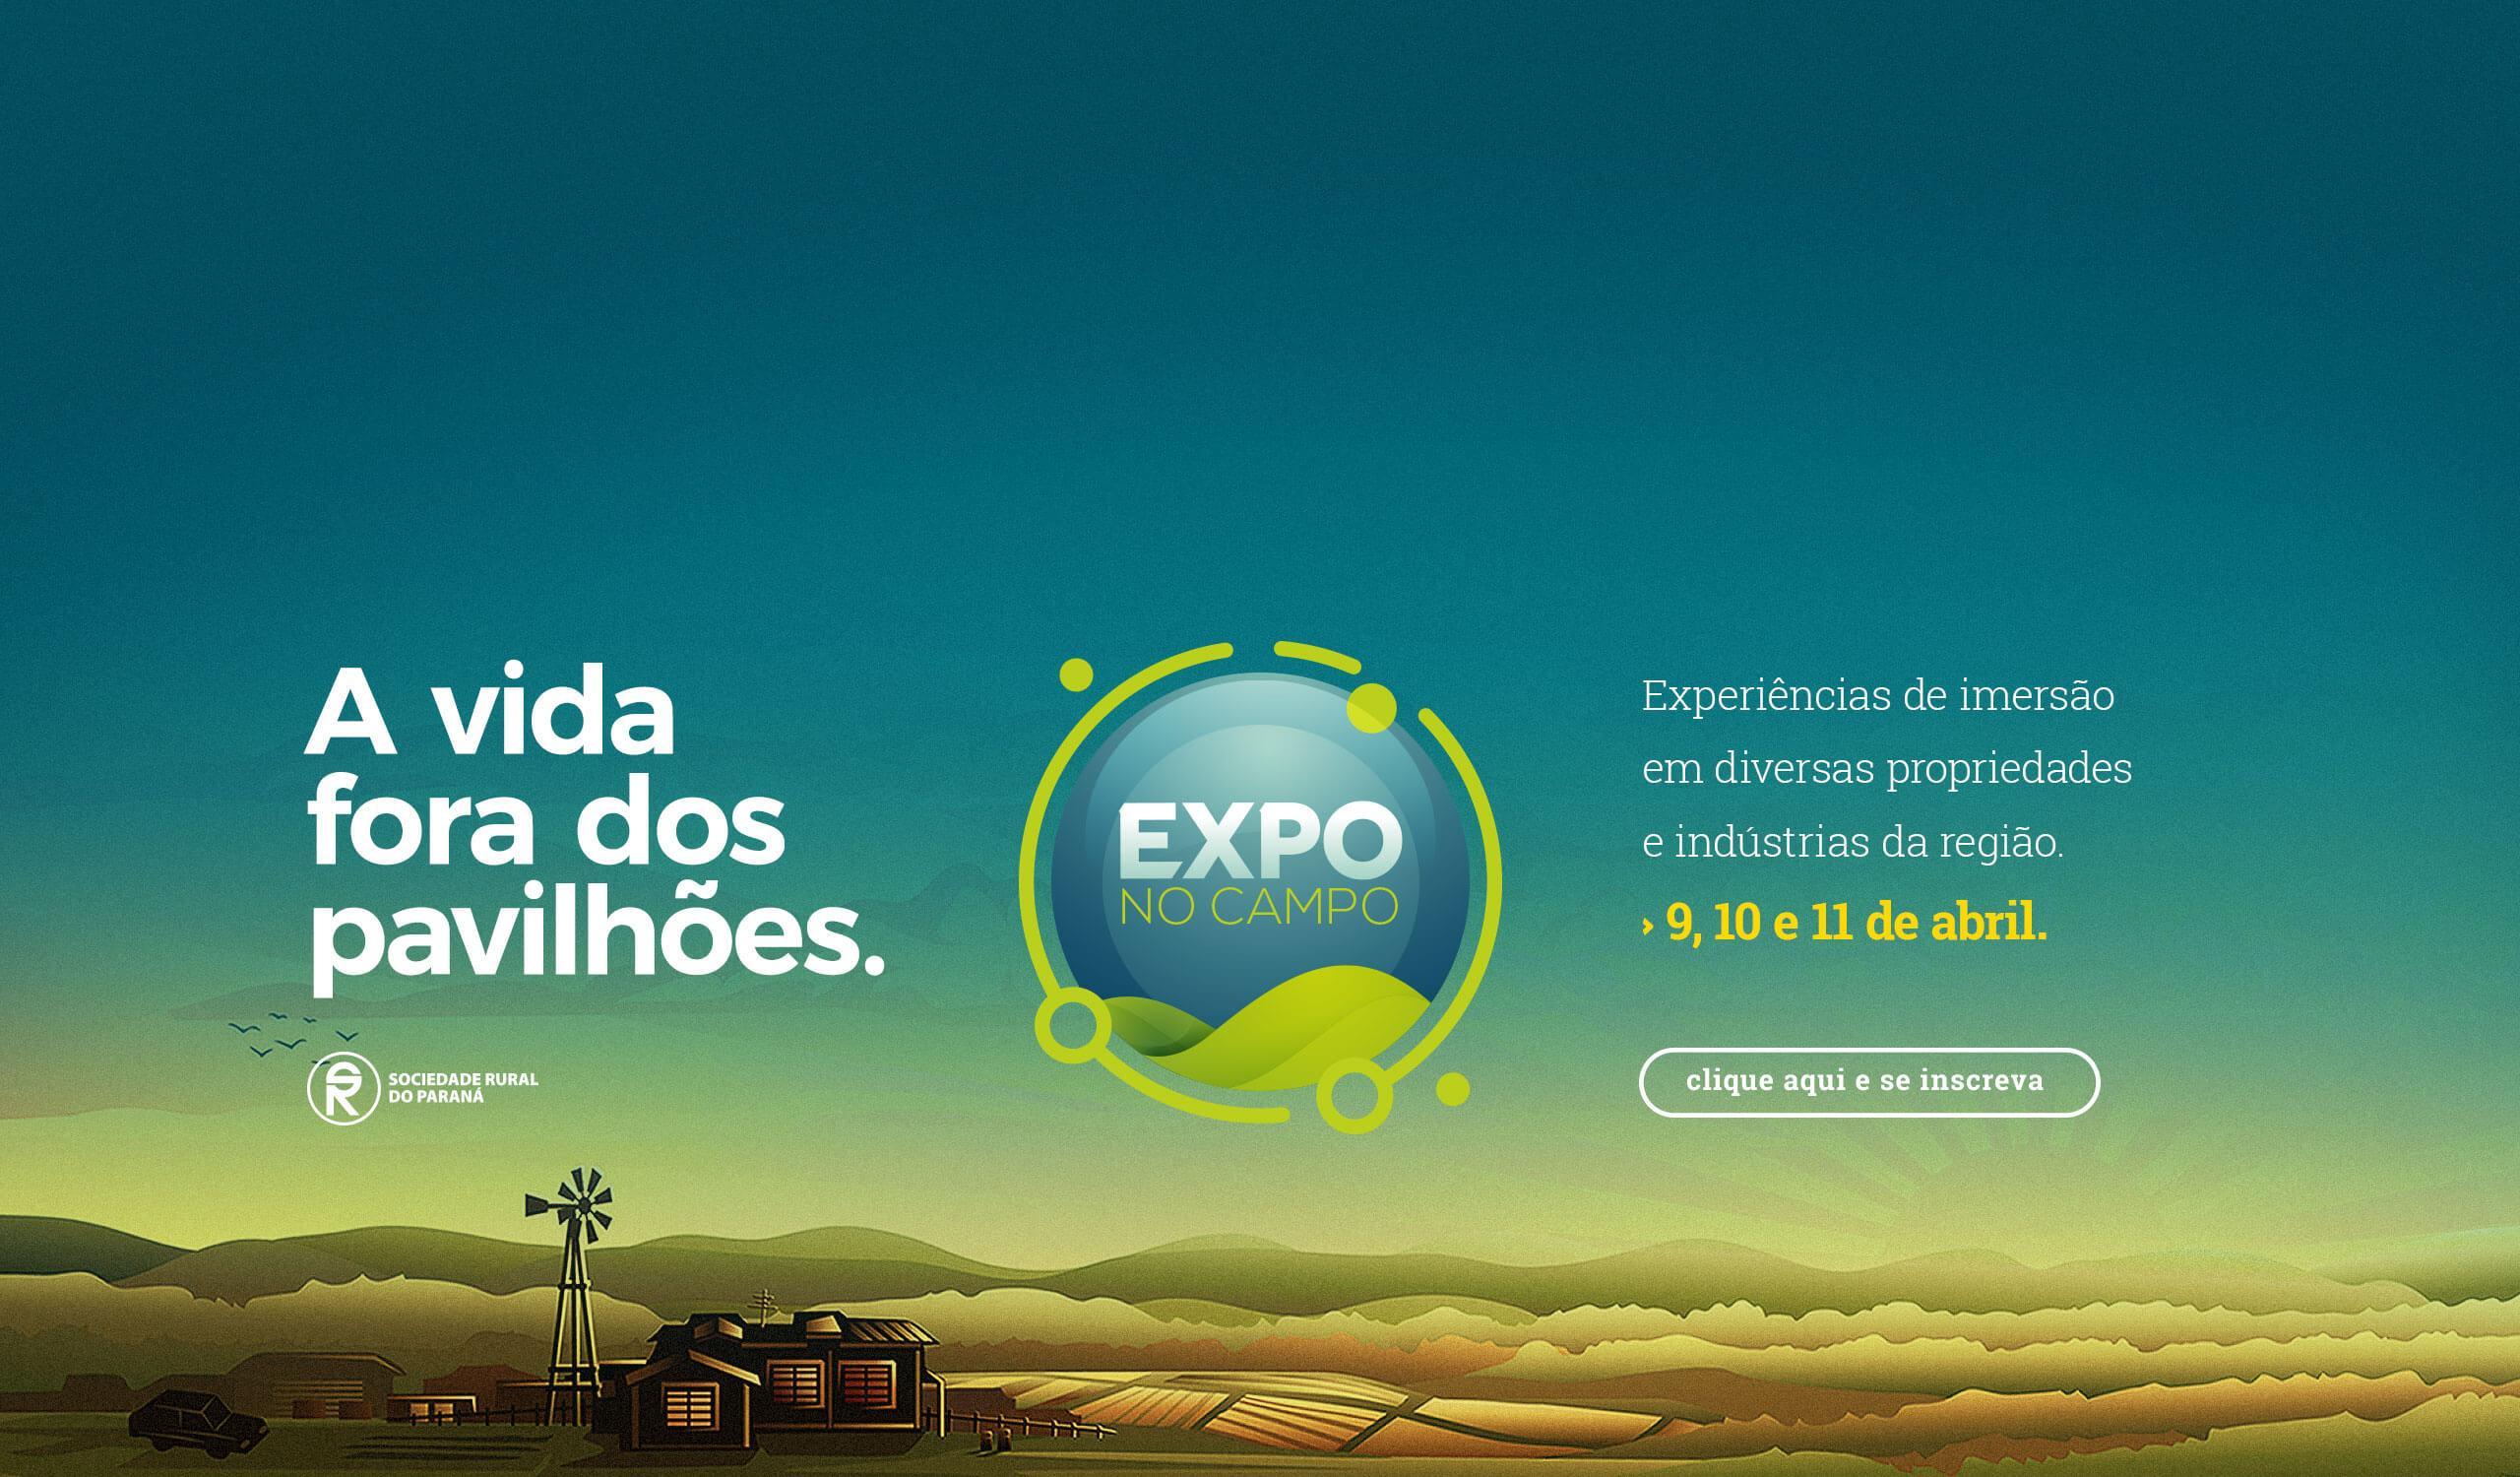 [Expo no Campo]